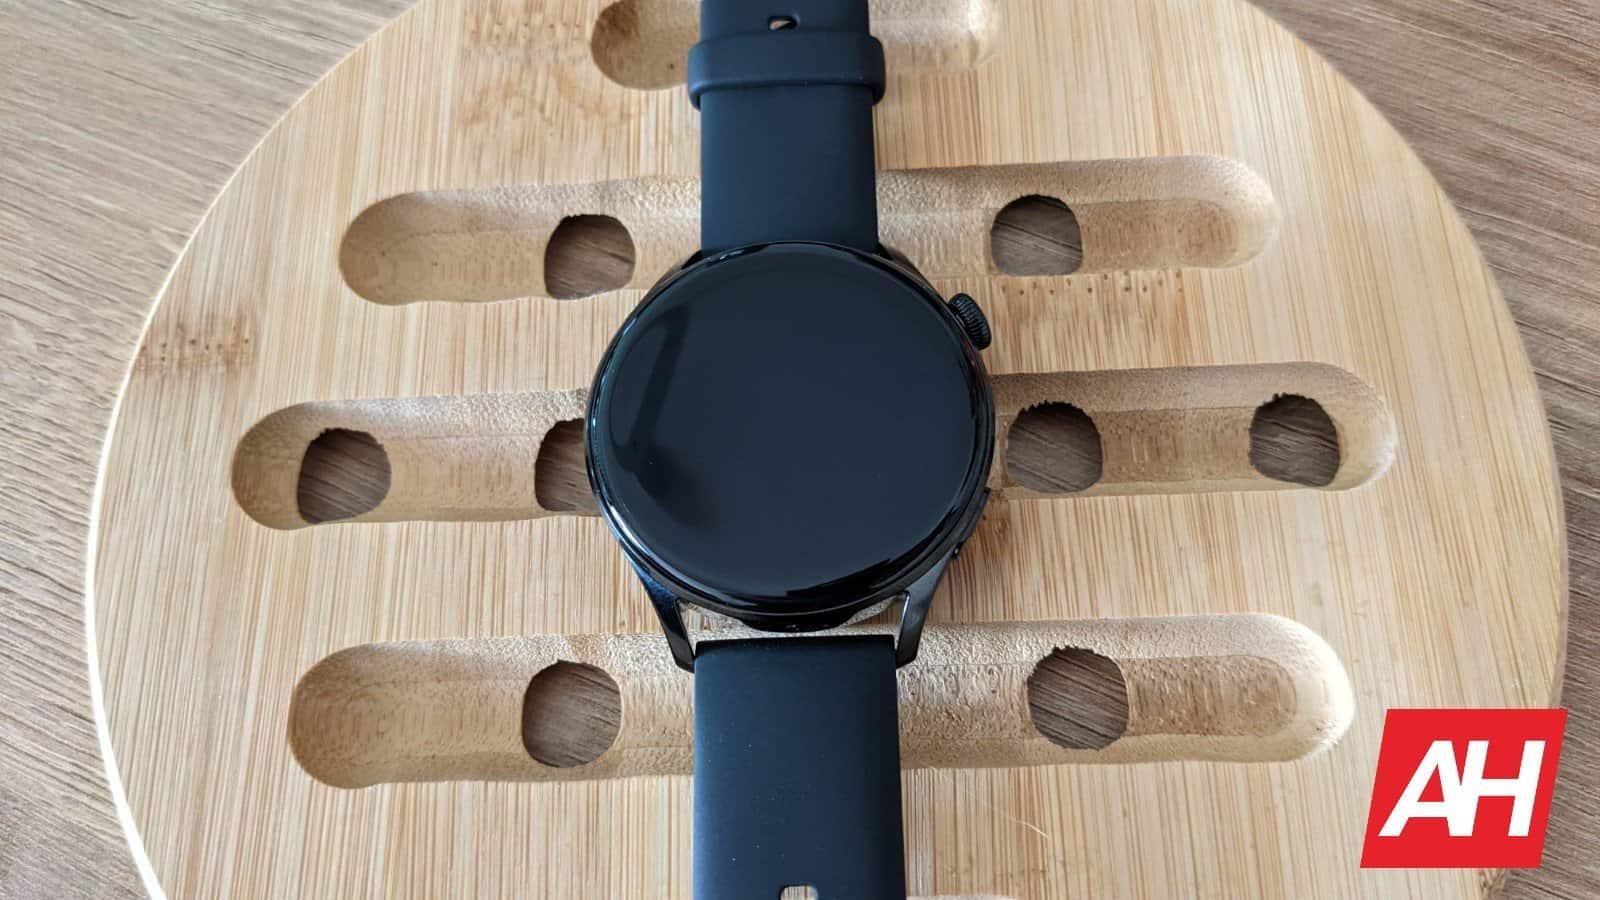 AH Huawei Watch 3 image 29